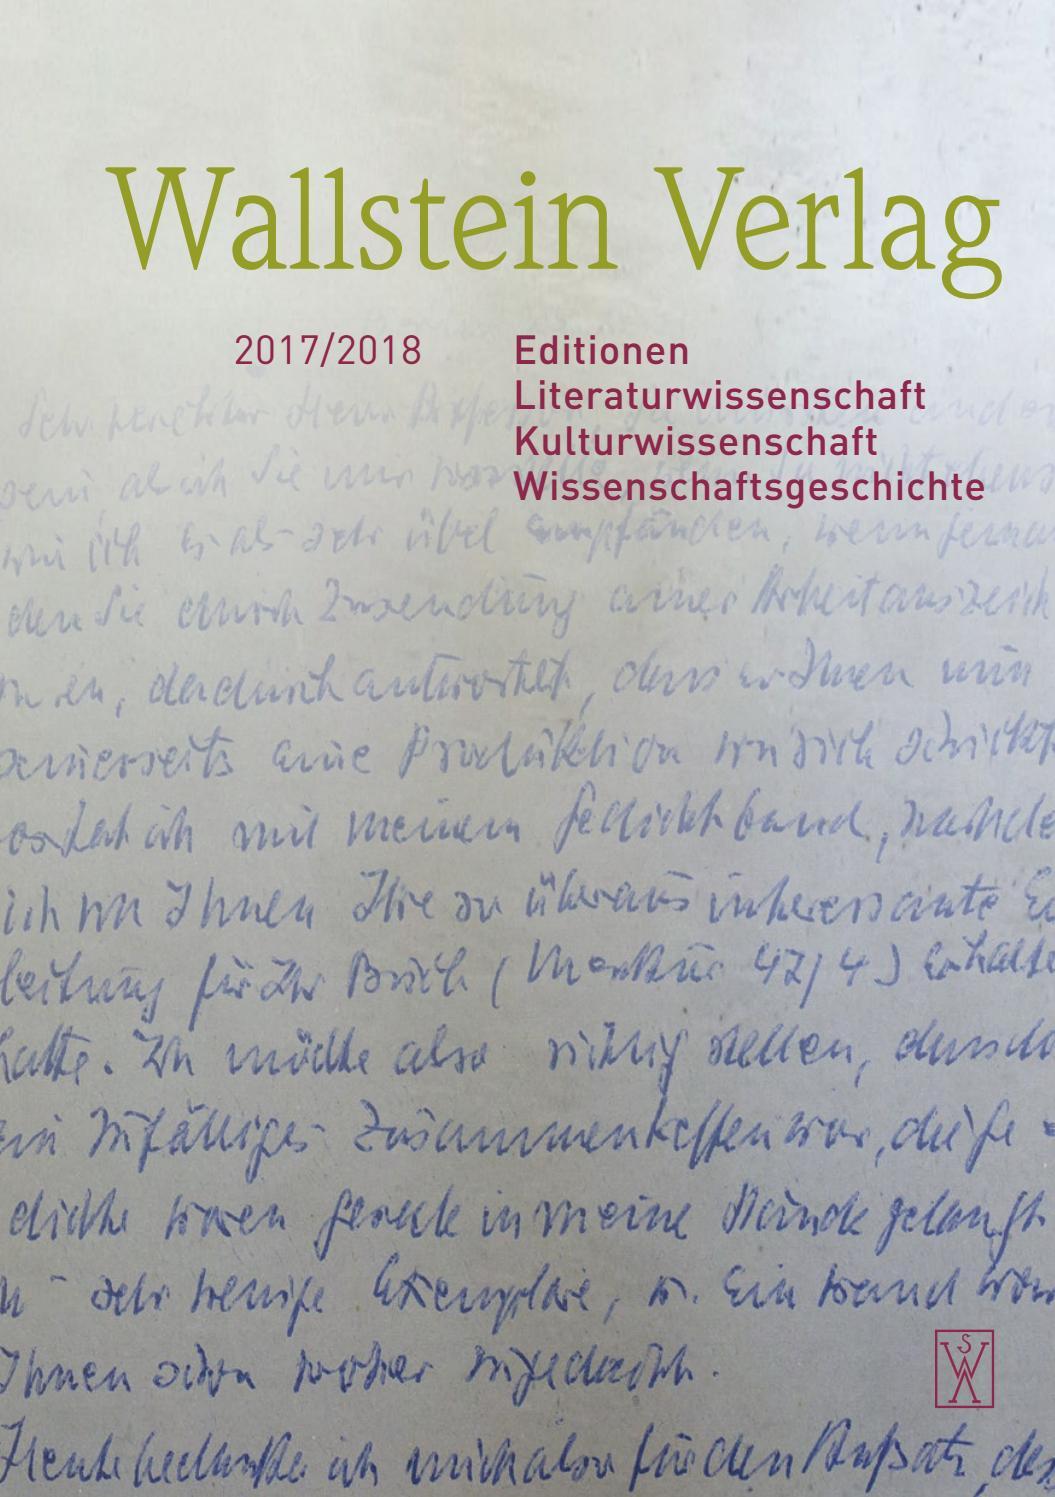 Wallstein Wissenschaft 2017/18 By Wallstein Verlag - Issuu pour A 7 Ans Anne Sylvestre